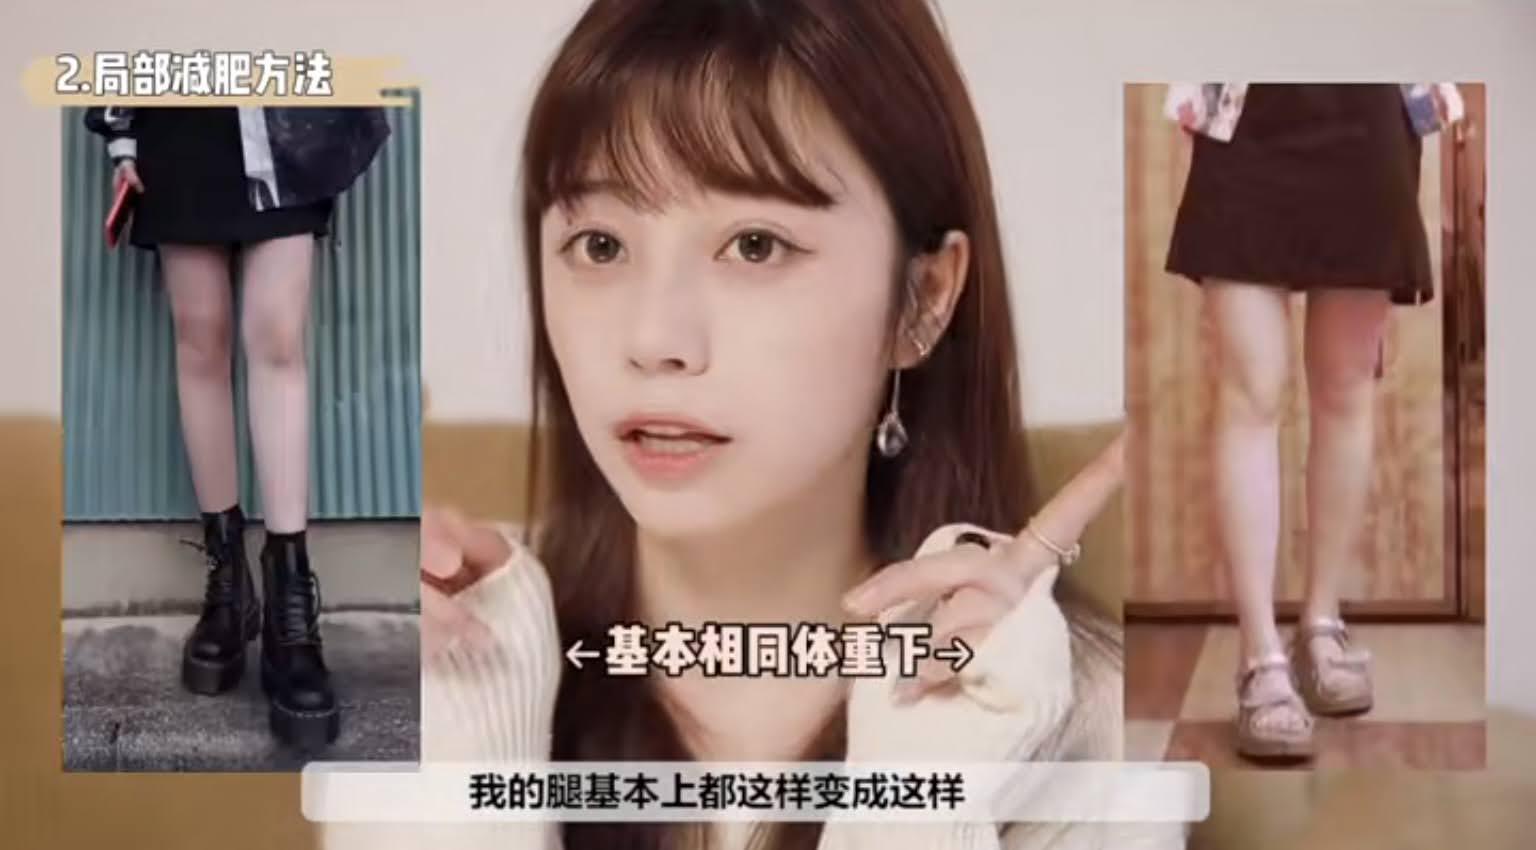 Cô người mẫu mạng chia sẻ cách giảm 10kg với 9 tips dễ ợt mà bạn có thể thử nghiệm ngay - Ảnh 7.